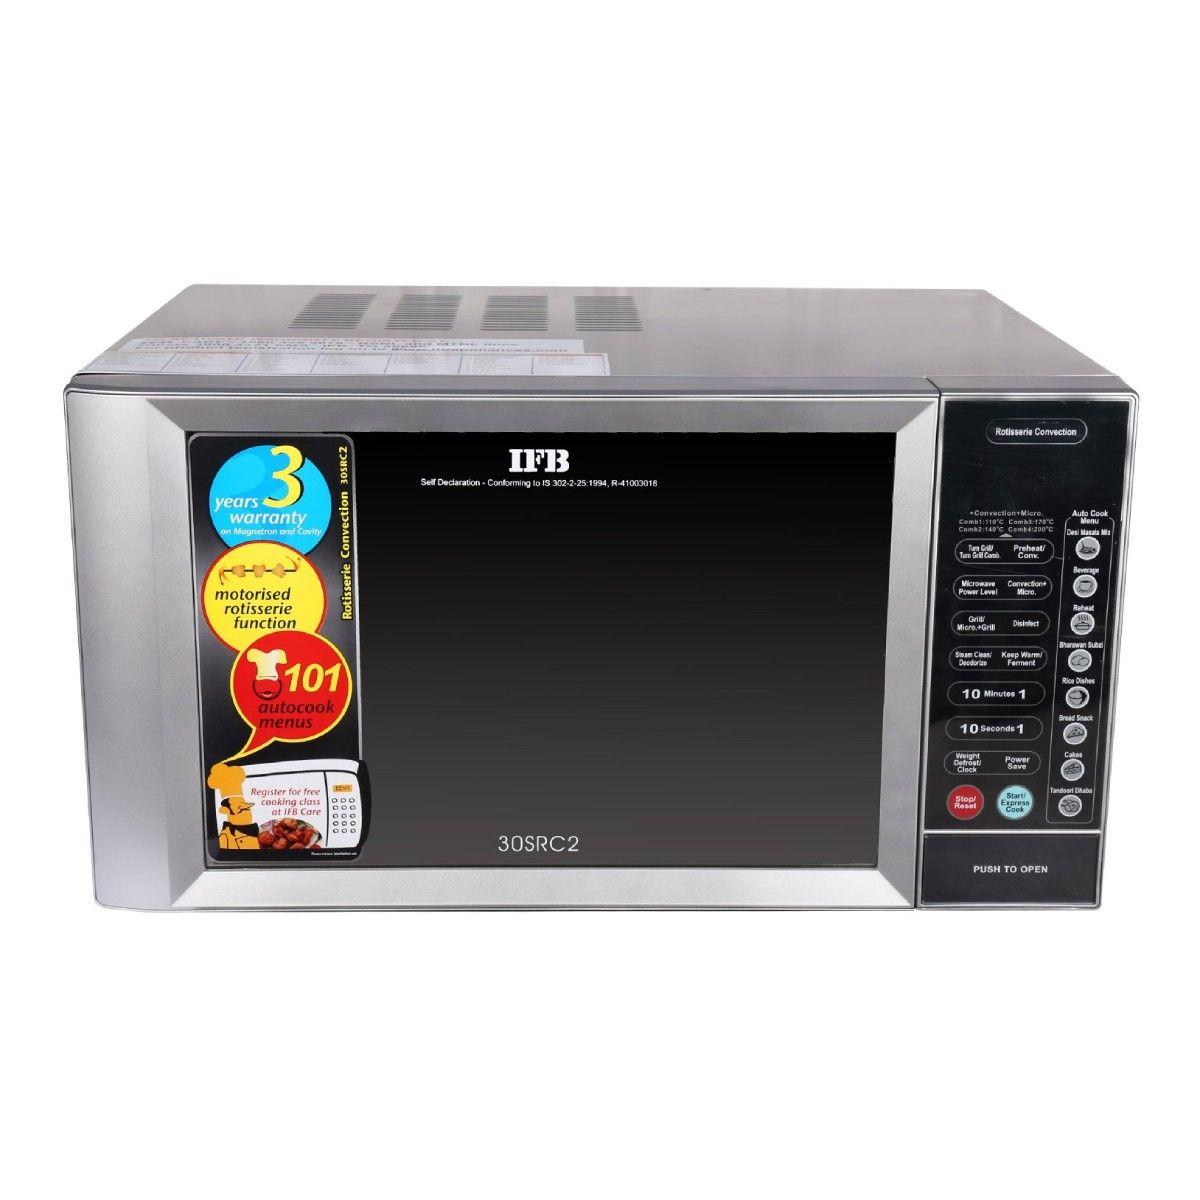 ಐಏಫ್ಬ 30SRC2 30 L Convection Microwave Oven